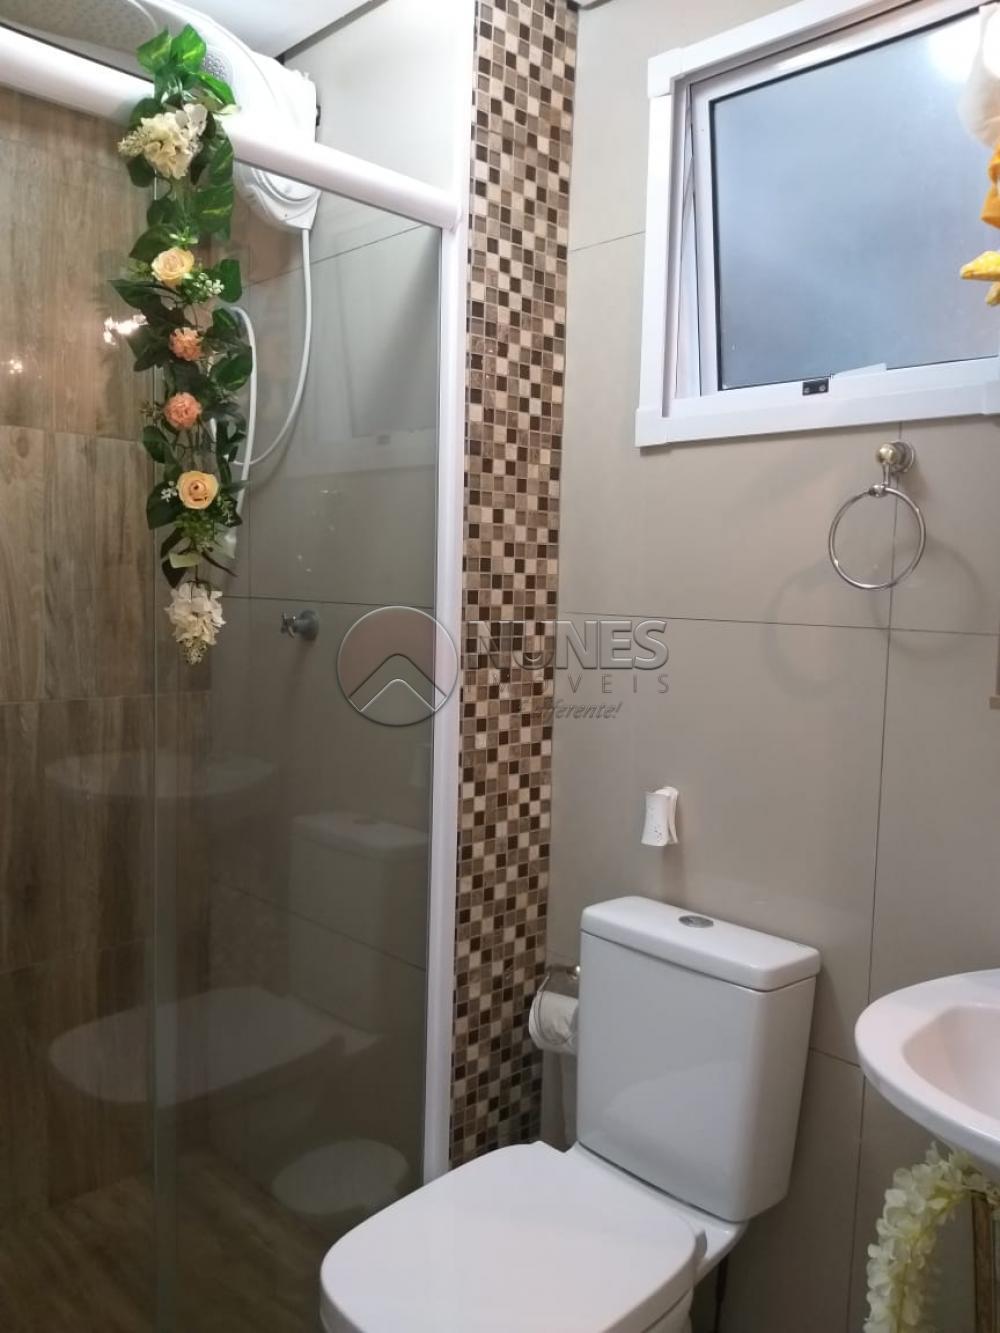 Alugar Apartamento / Cobertura Duplex em Cotia R$ 1.200,00 - Foto 12